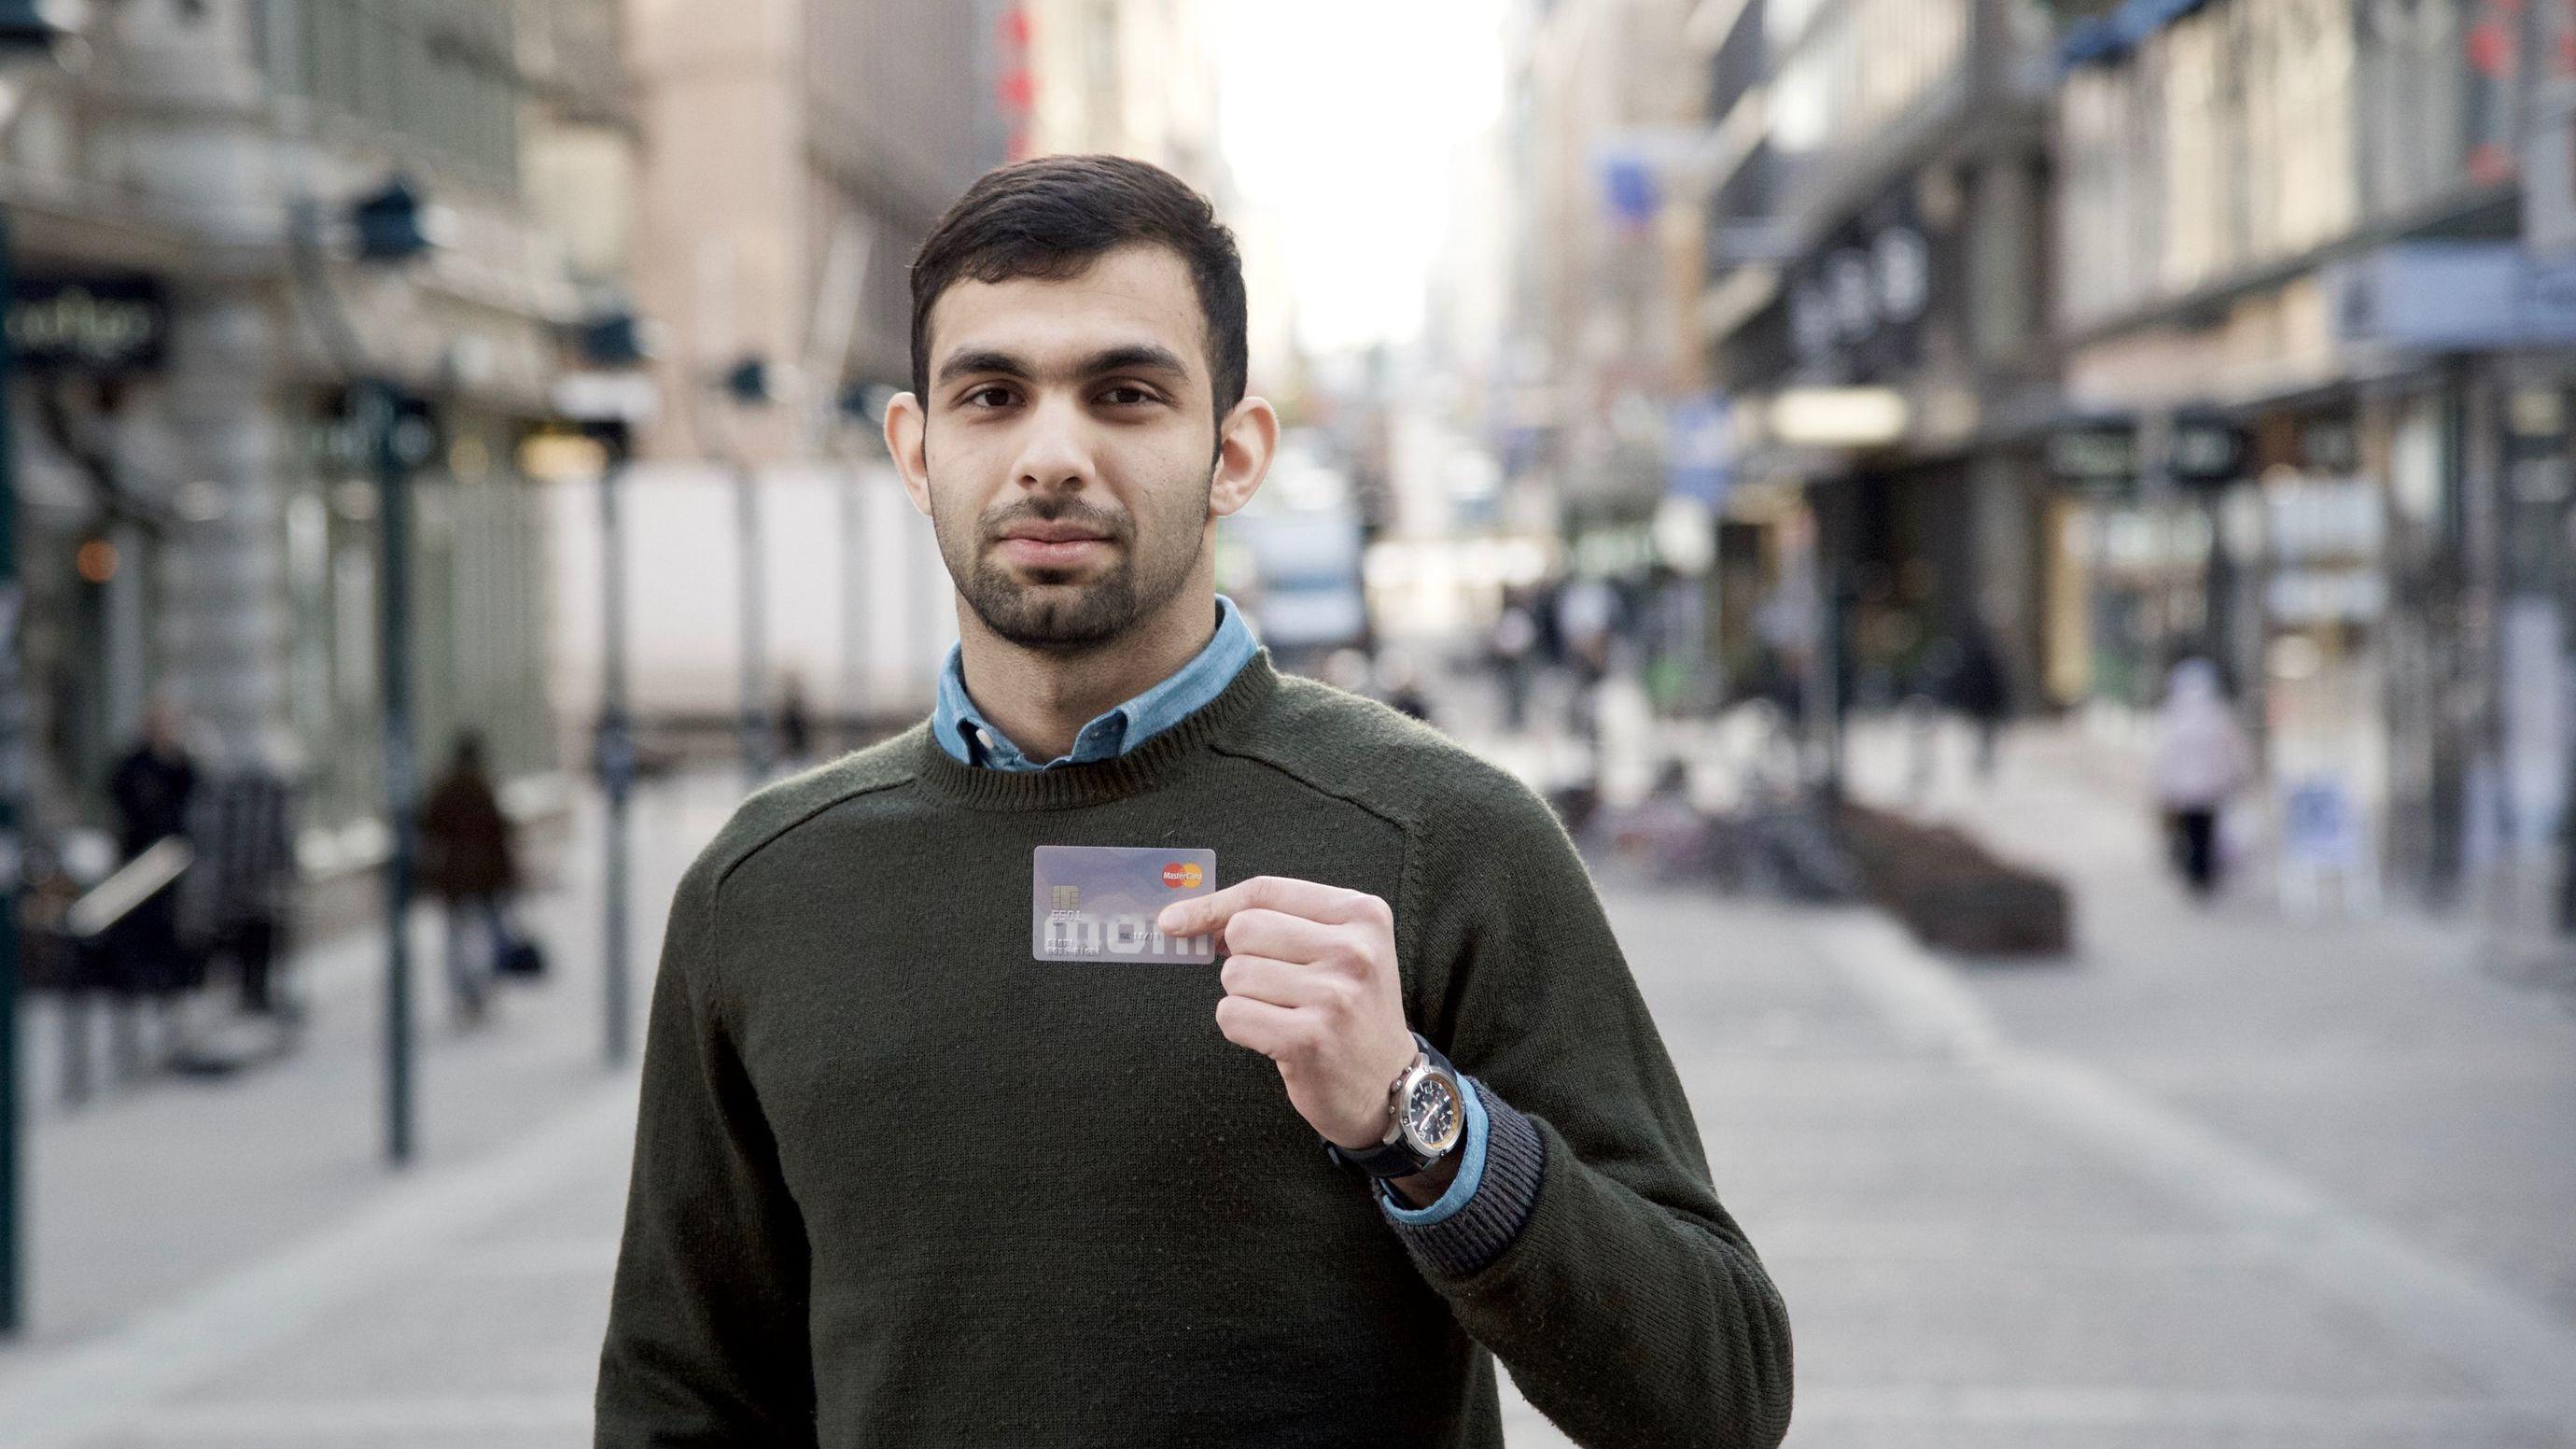 ブロックチェーンが変えた フィンランドの難民支援